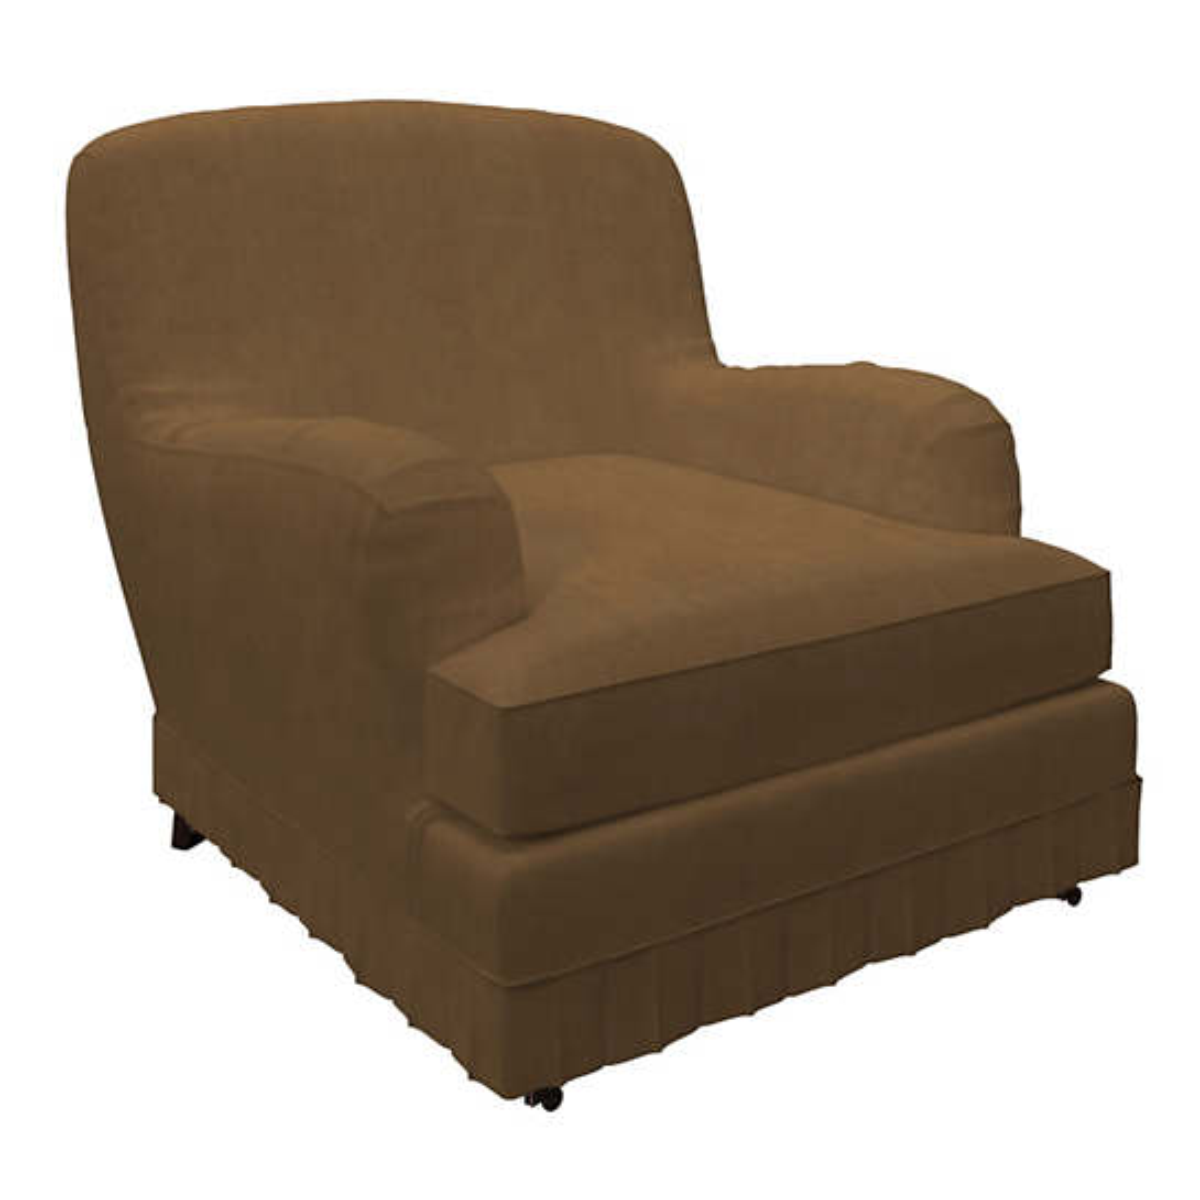 Velvesuede Camel Ellis Chair Slipcover